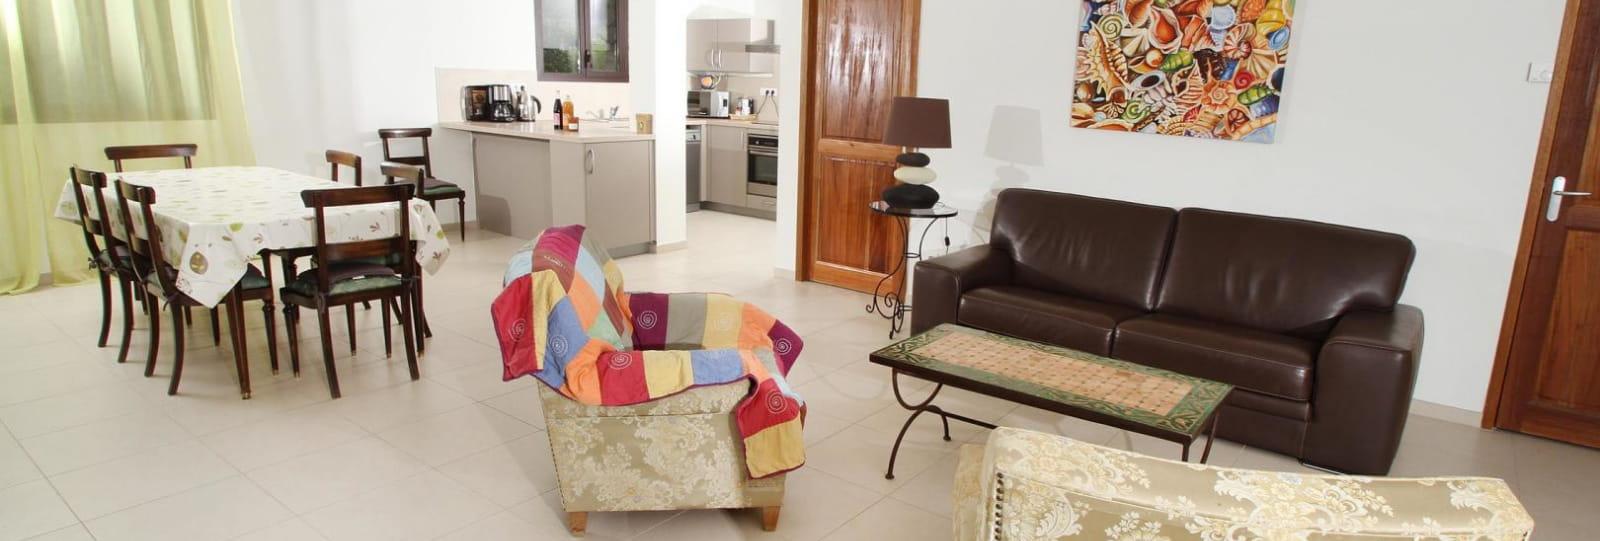 La pièce à vivre : salon, salle à manger, et cuisine.